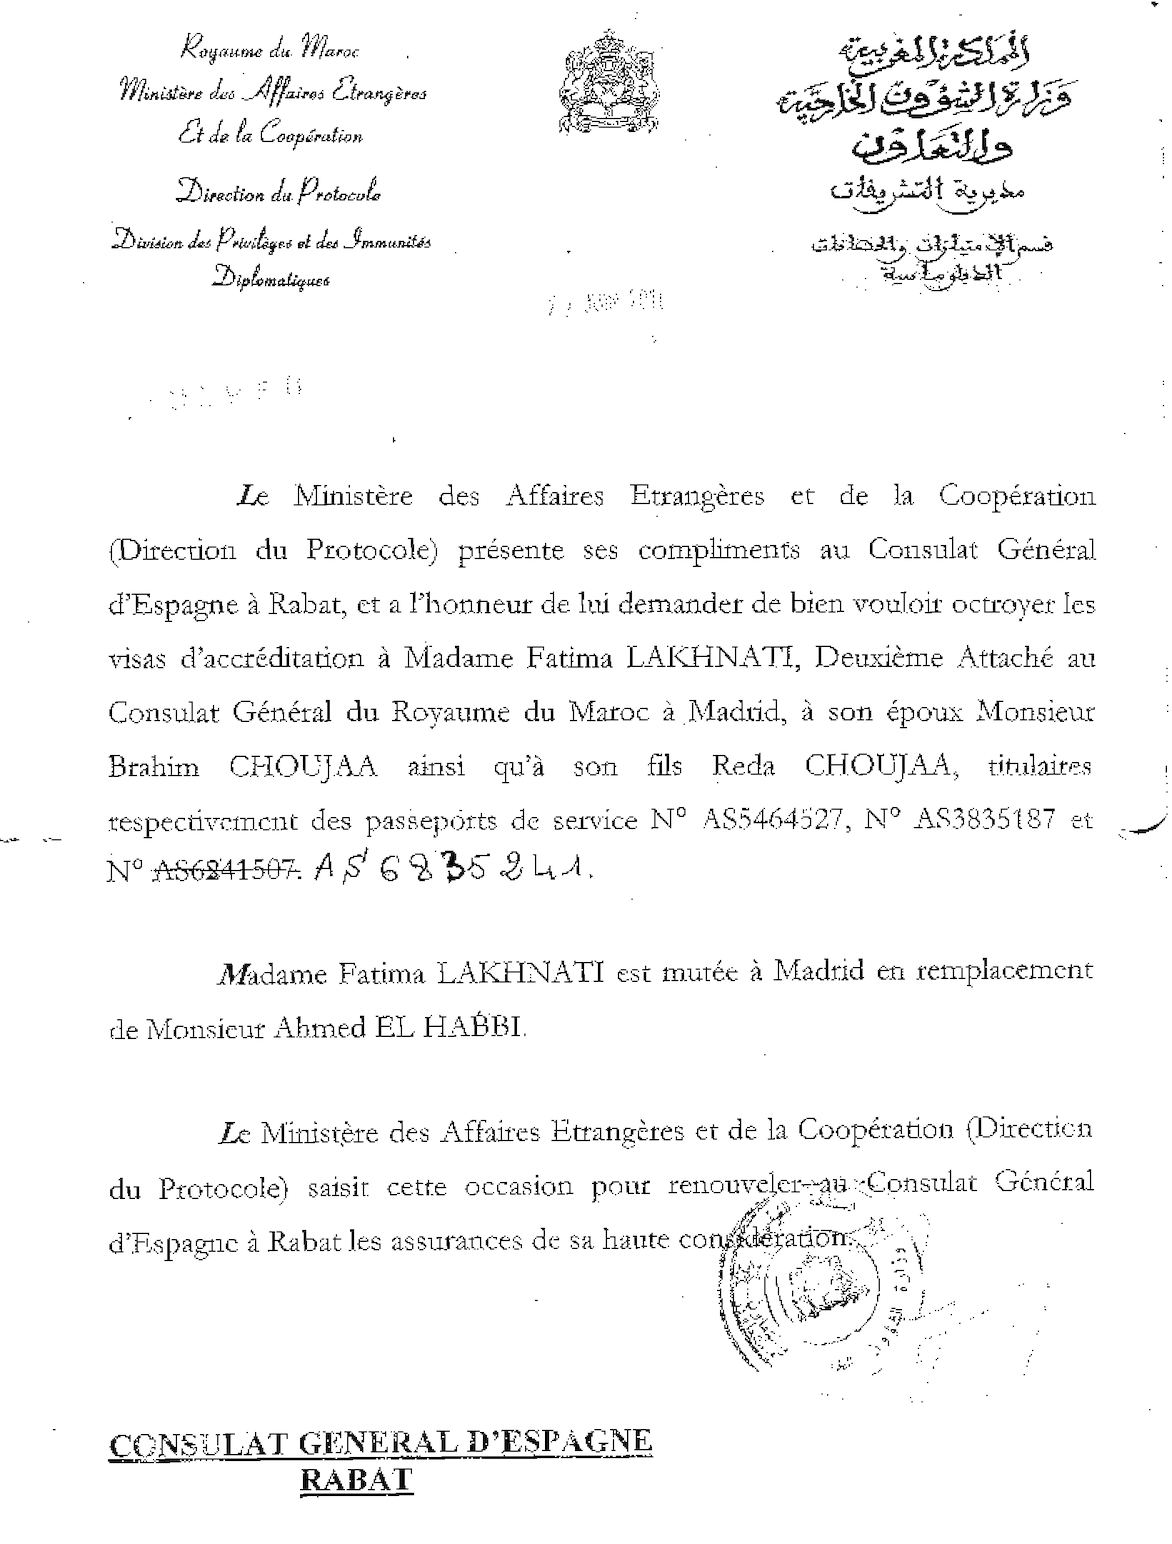 Fatima Note(1).